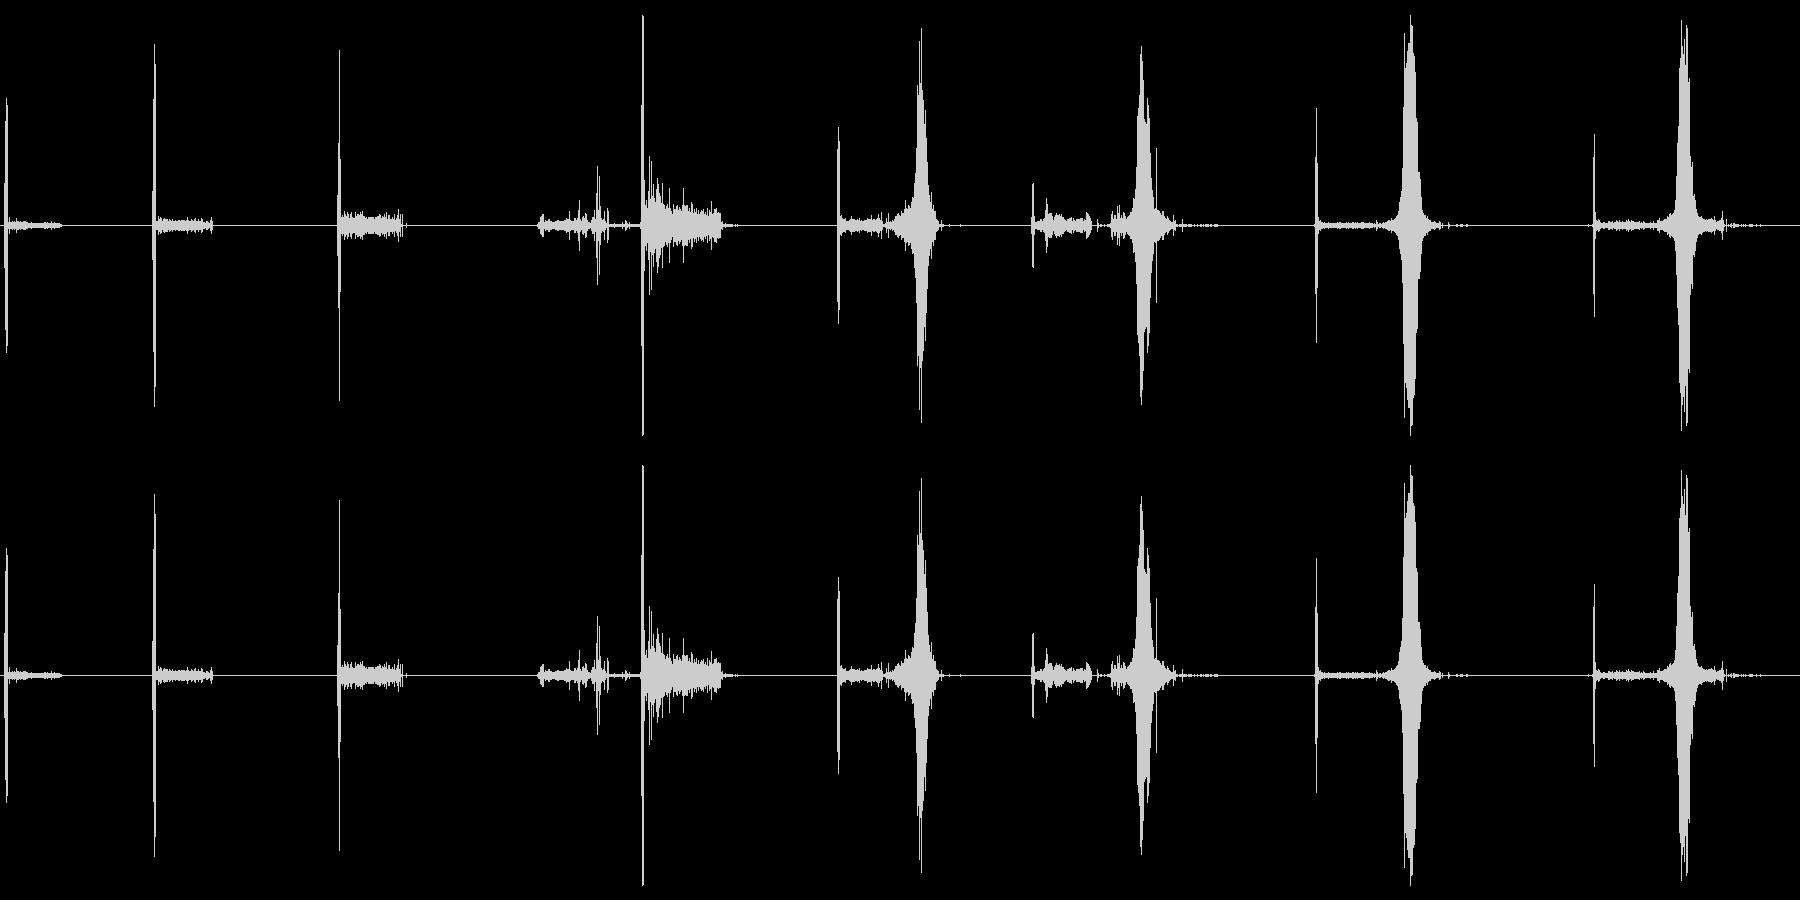 マッチ、イグナイト、ファイアー、エ...の未再生の波形